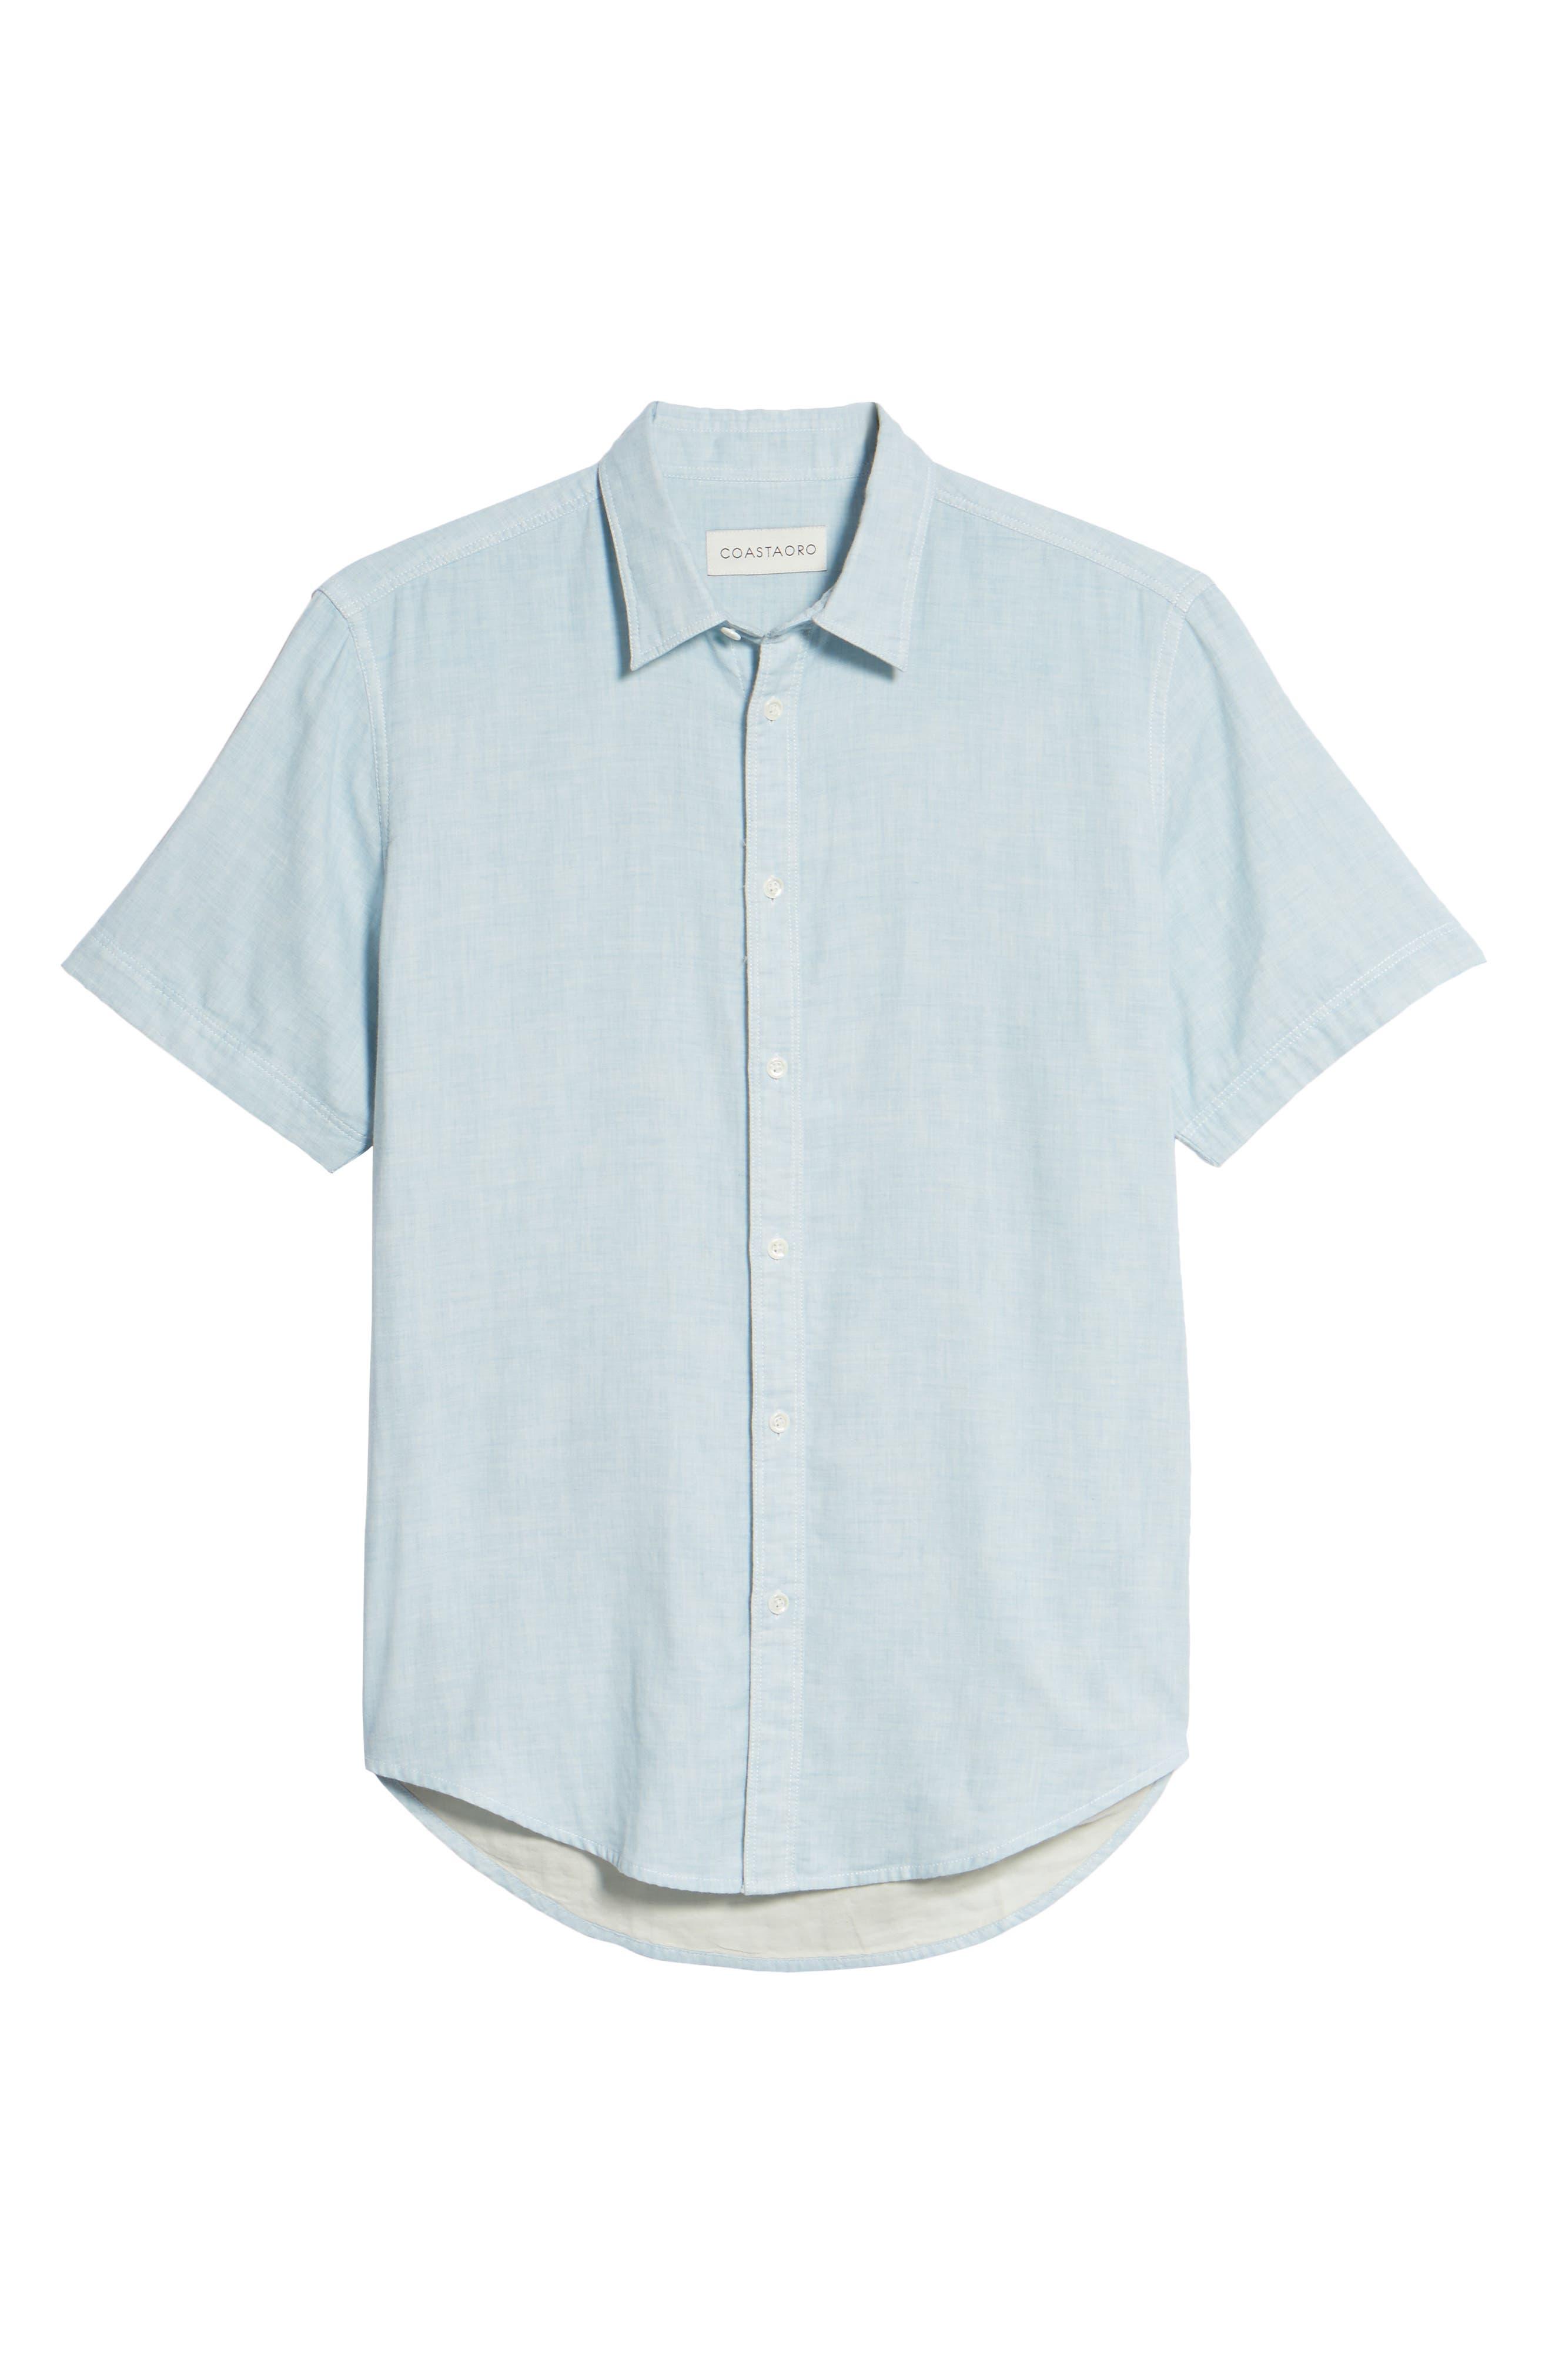 Encinitas Regular Fit Sport Shirt,                             Alternate thumbnail 6, color,                             Sky